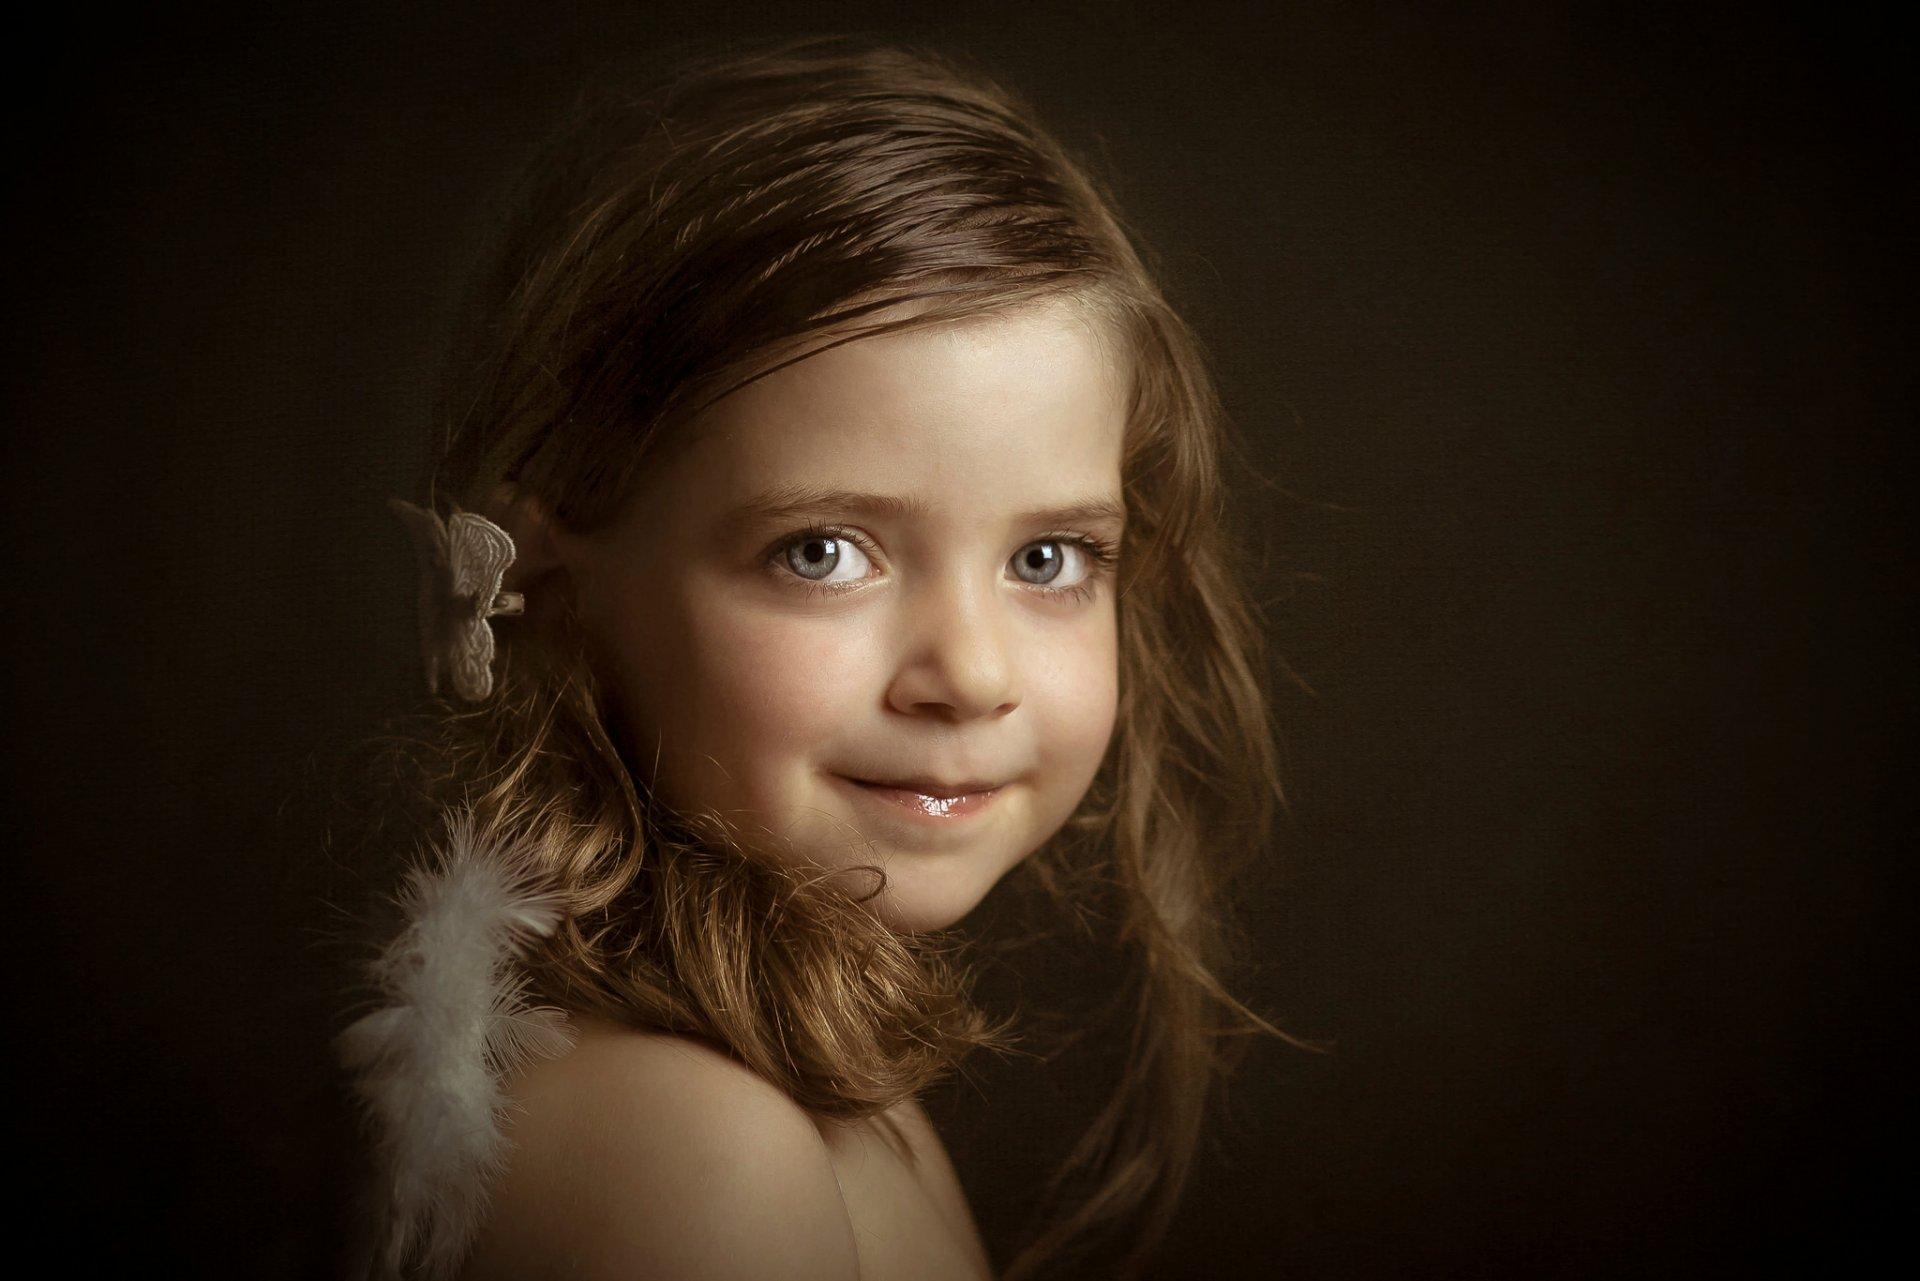 фотопортрет высокого разрешения лауры ангел потом